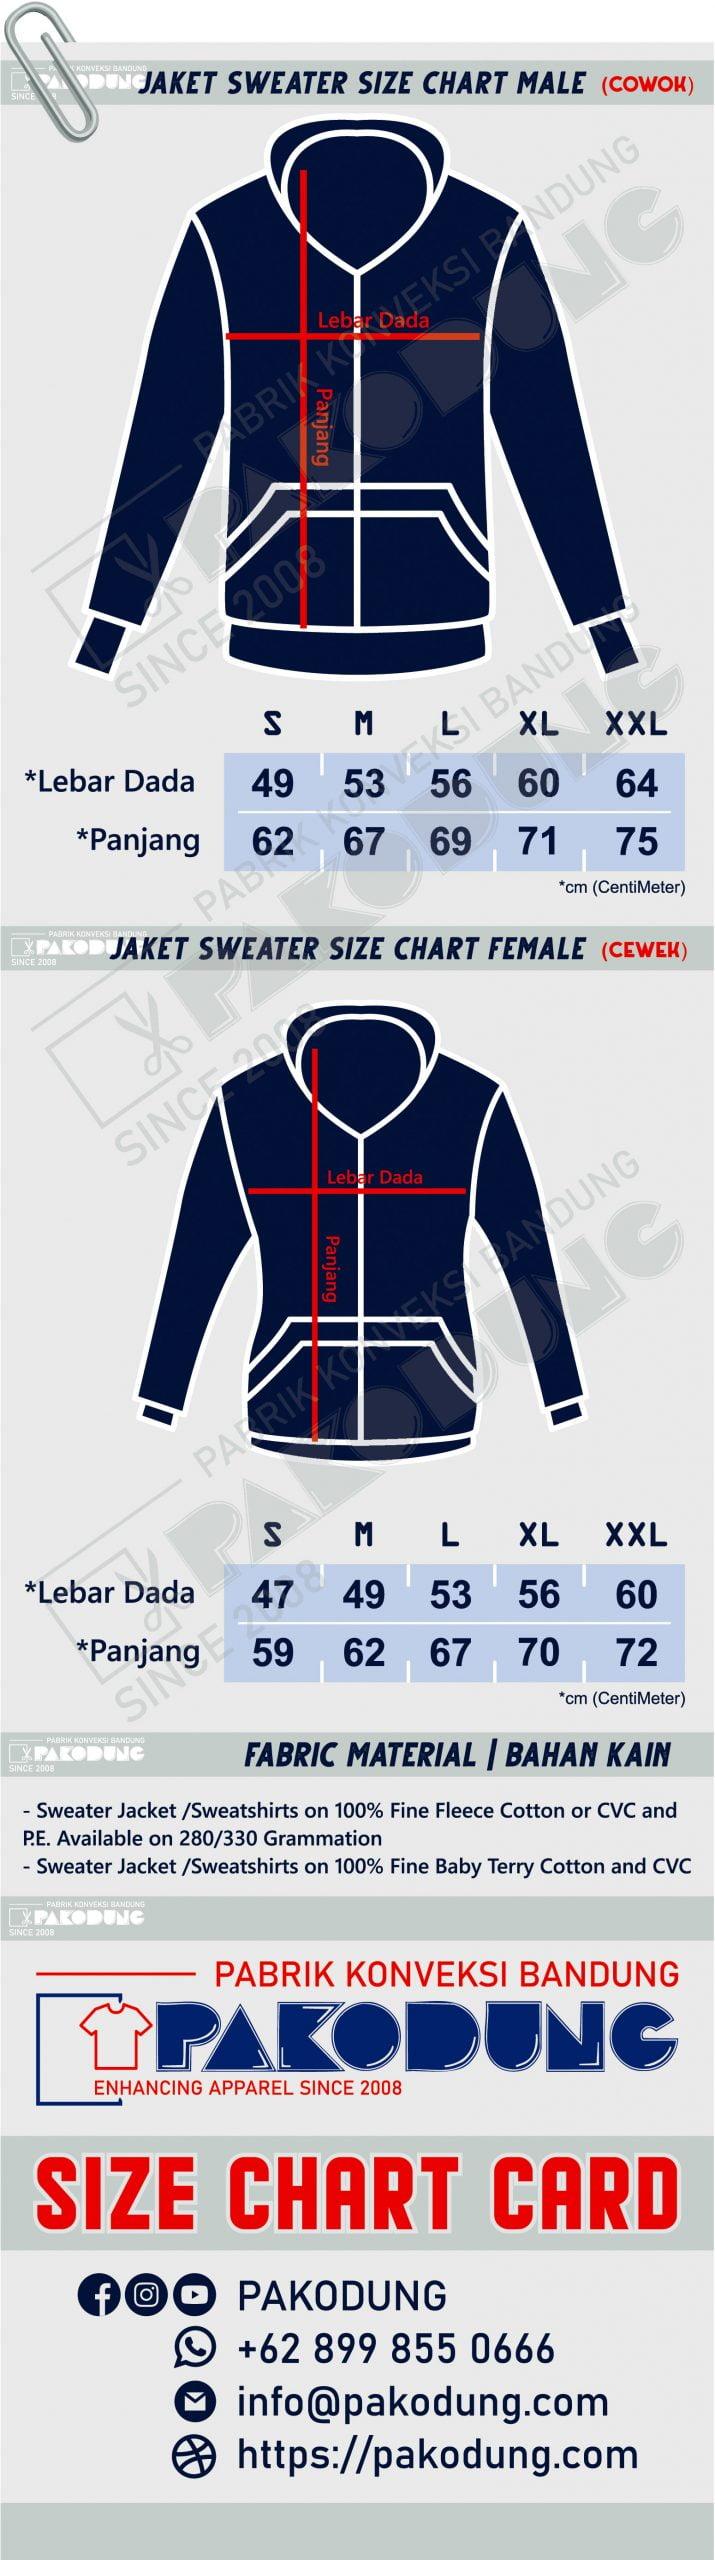 sizechart jaket sweater pakodung